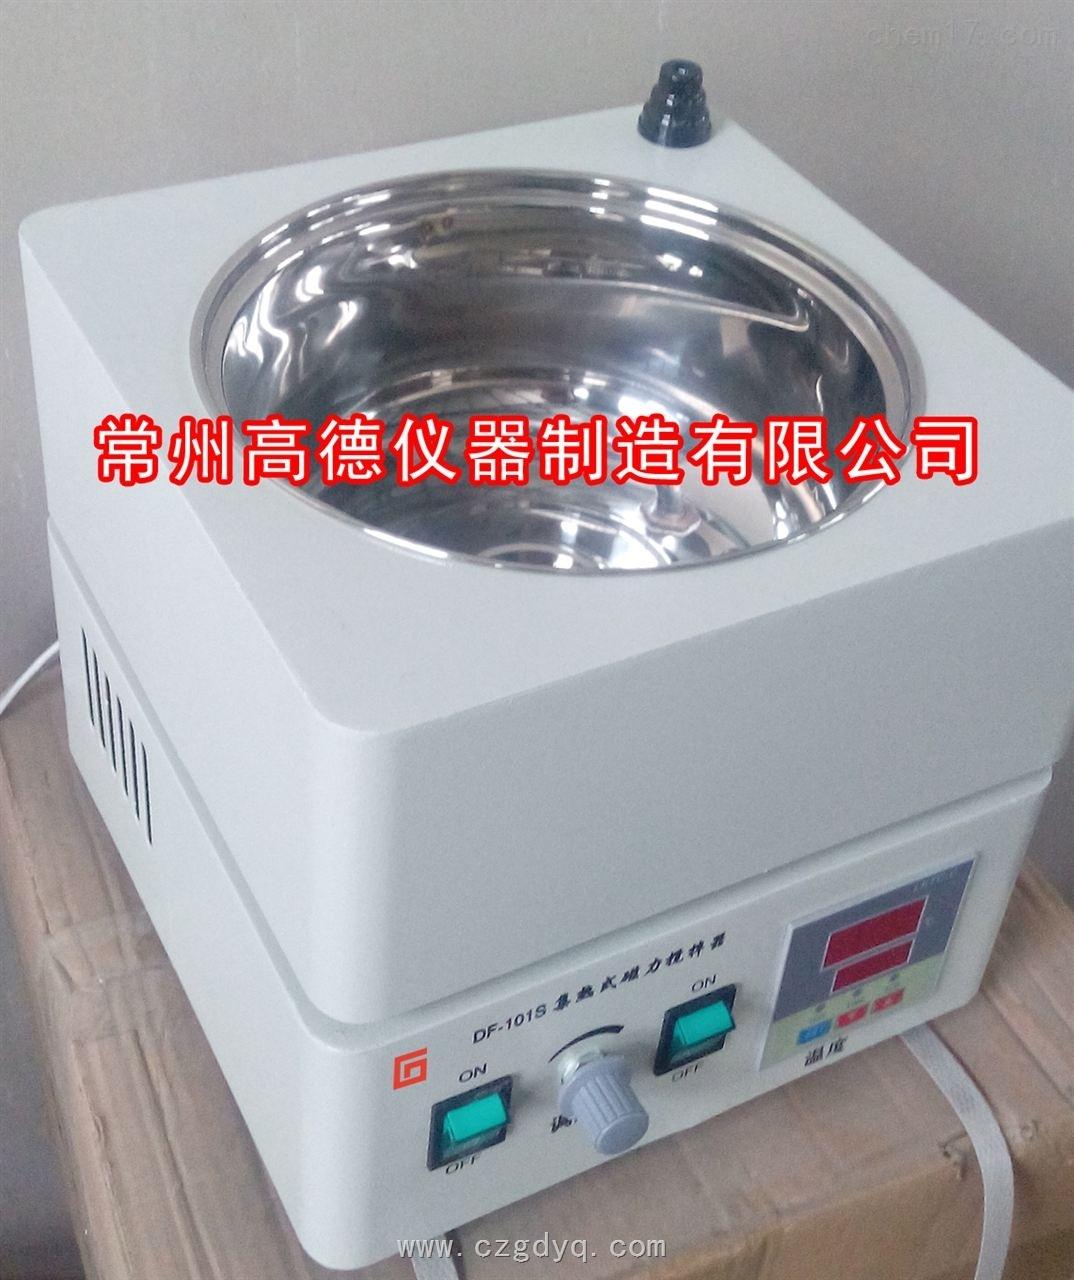 恒温磁力搅拌水浴锅